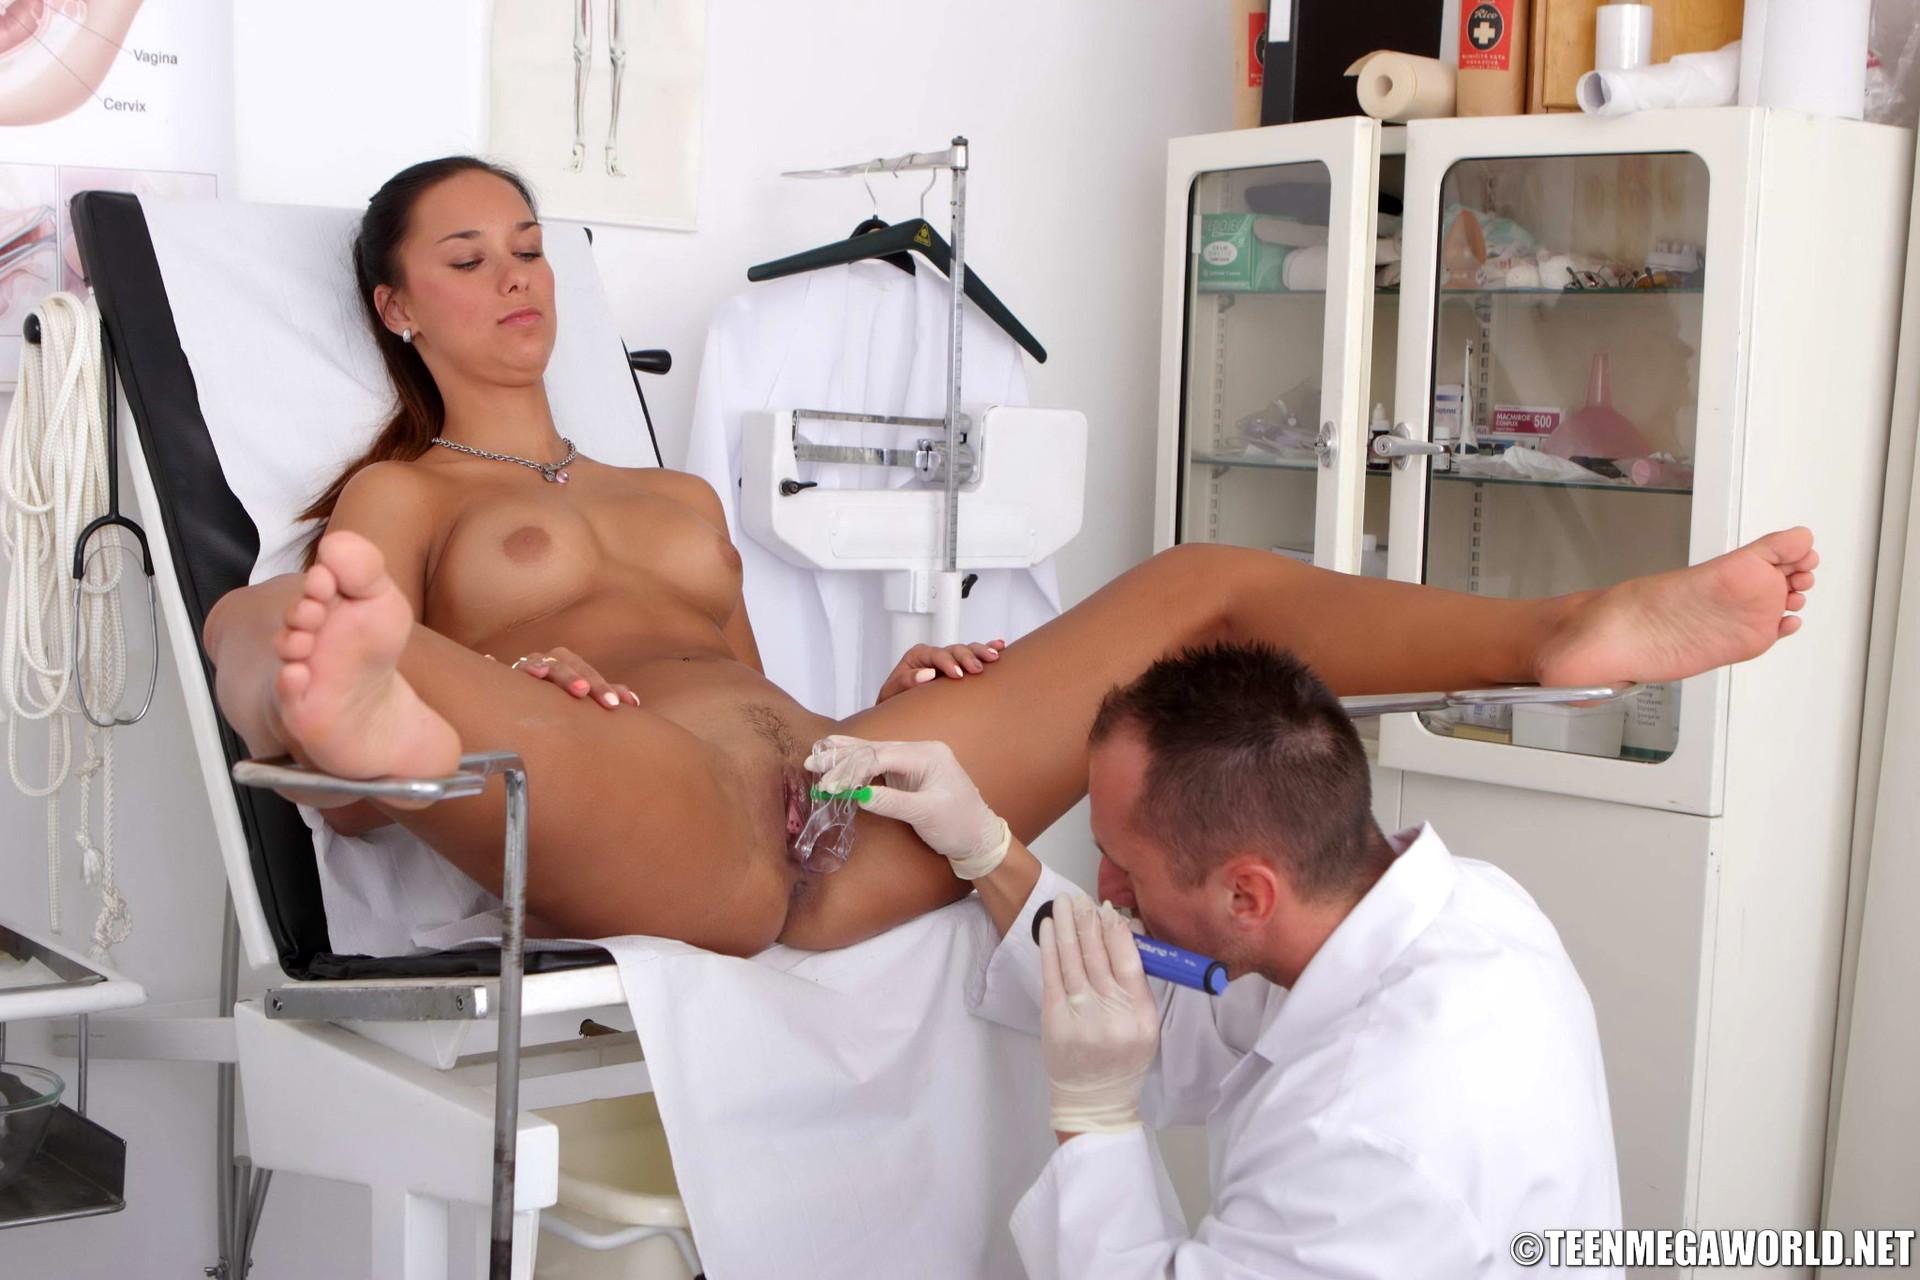 У хирурга на столе порно, Русские медсёстры порно видео на 25 фотография